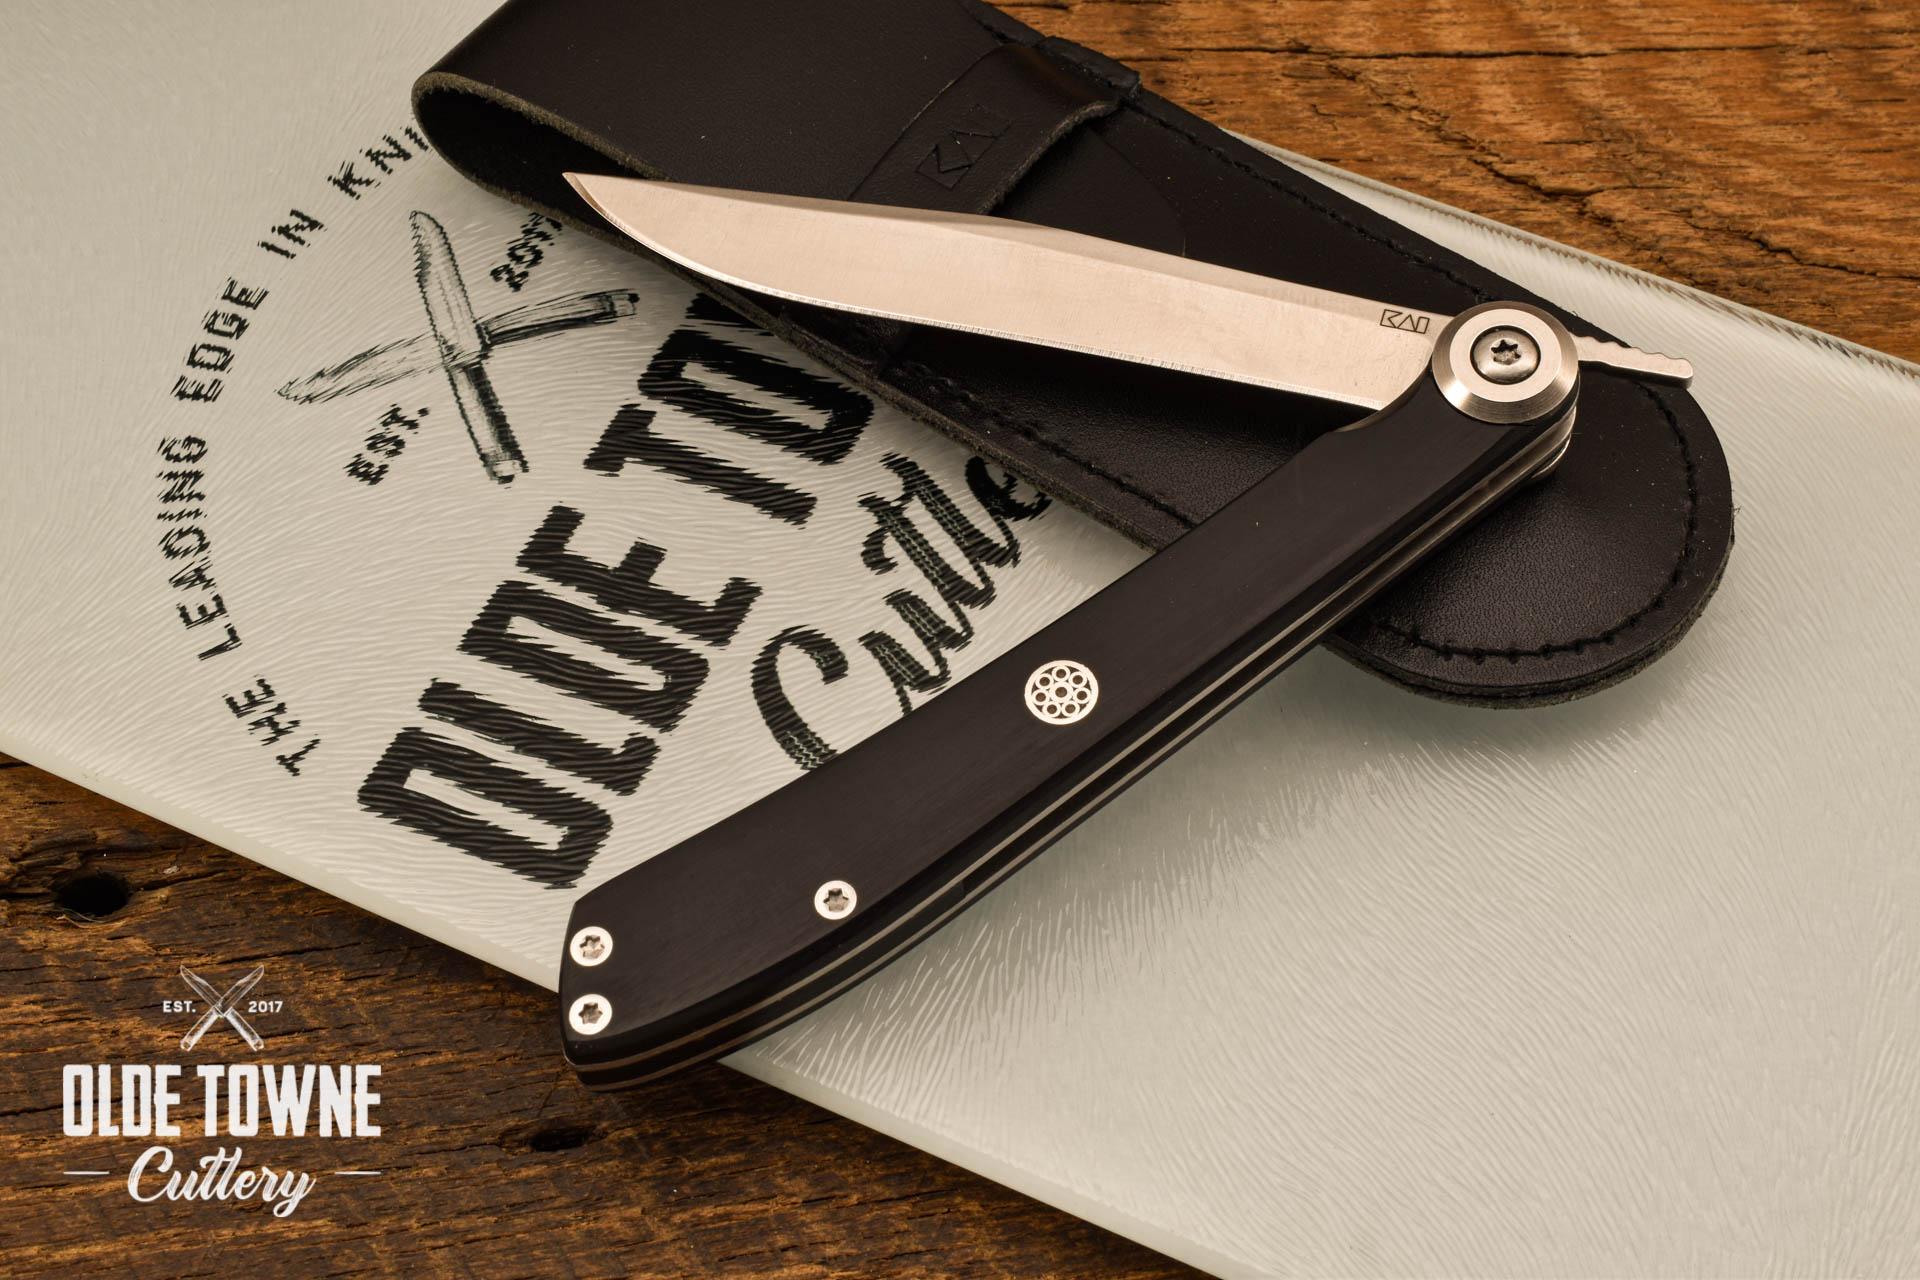 Kershaw KS5700 Folding Steak Knife